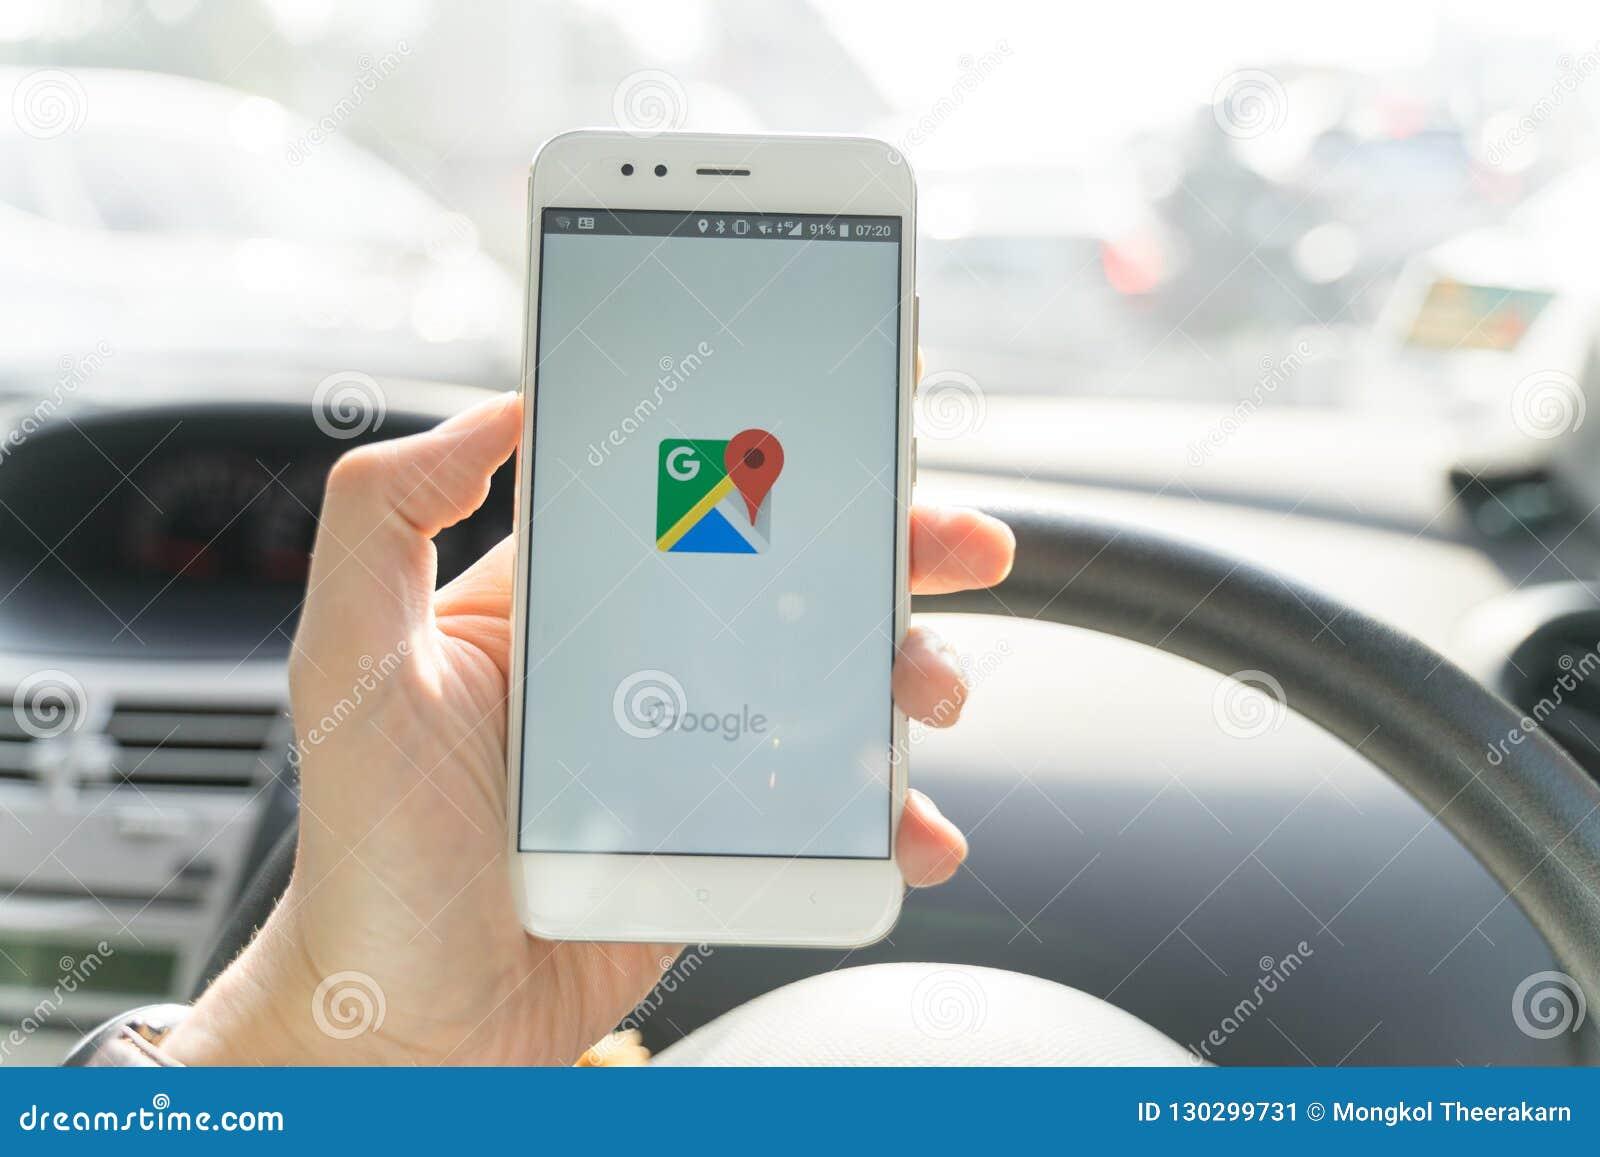 BANGKOK, THAILAND - 08 OKTOBER 2018: Sluit omhoog van mens die nieuwe xiaomismartphone houden en Google Maps toepassing de lancer